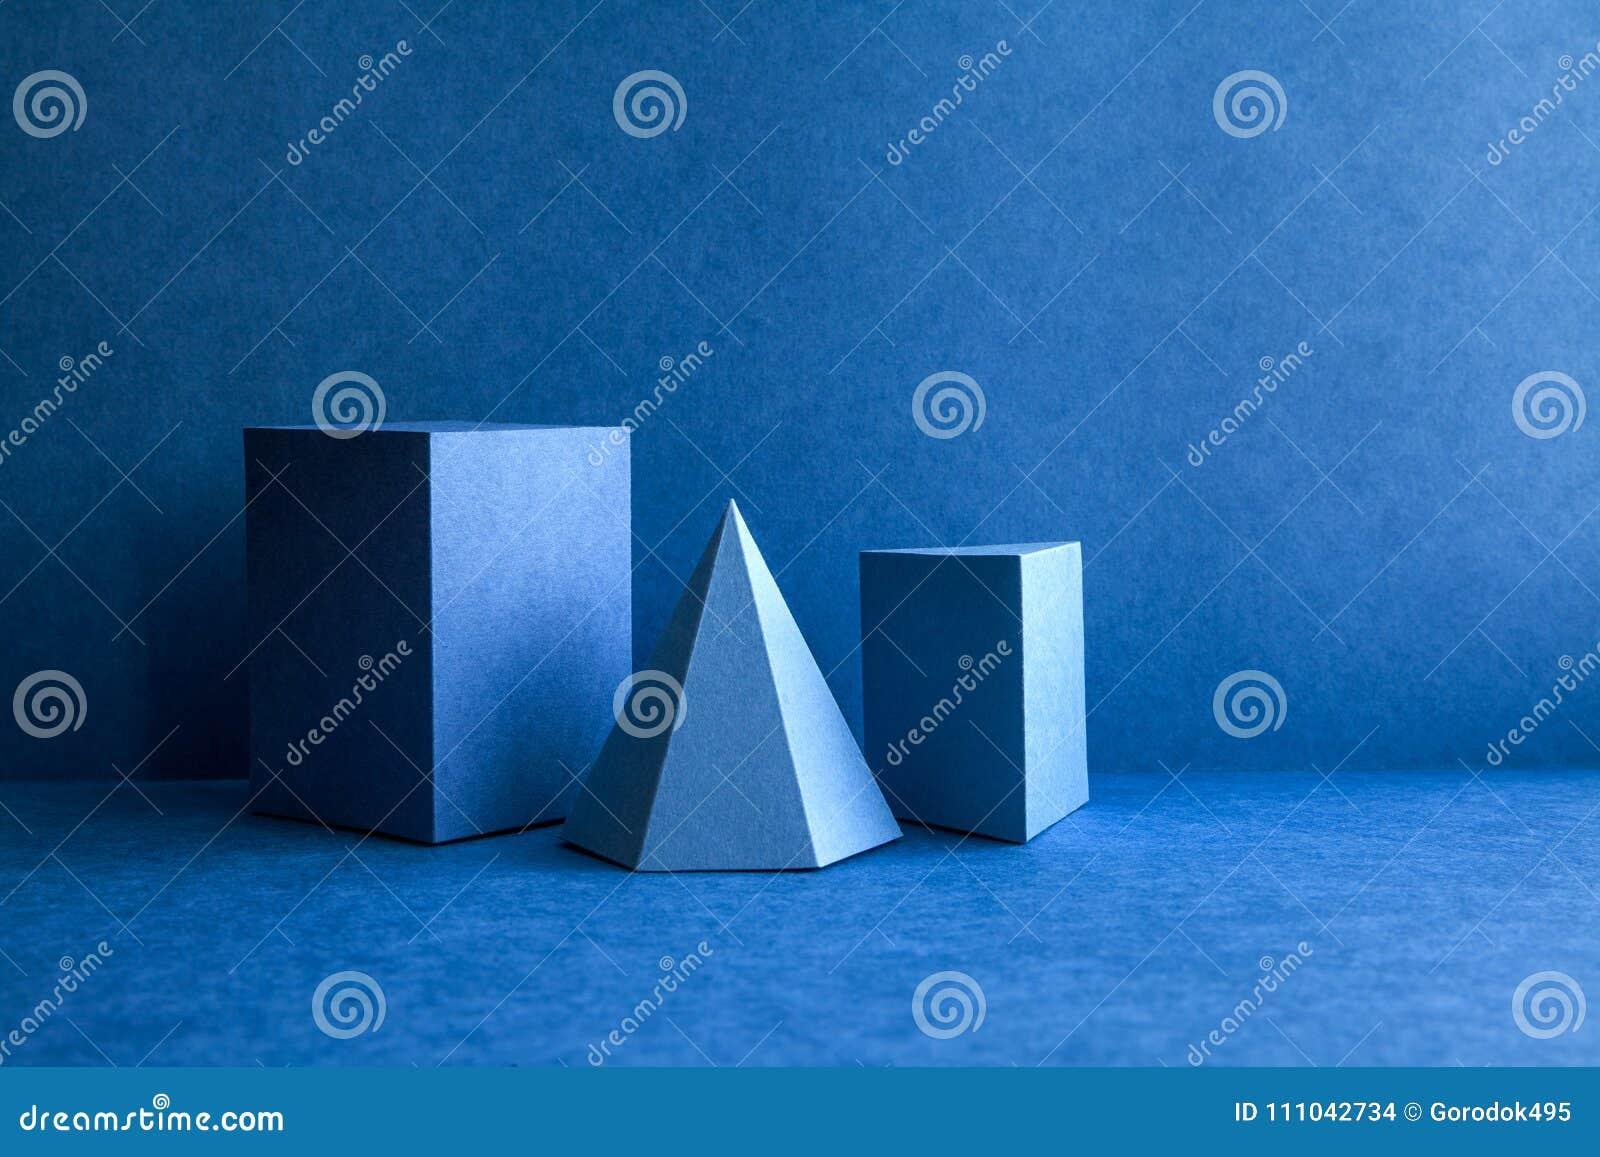 Figuras geométricas ainda composição da vida O cubo retangular do tetraedro tridimensional da pirâmide de prisma objeta no azul